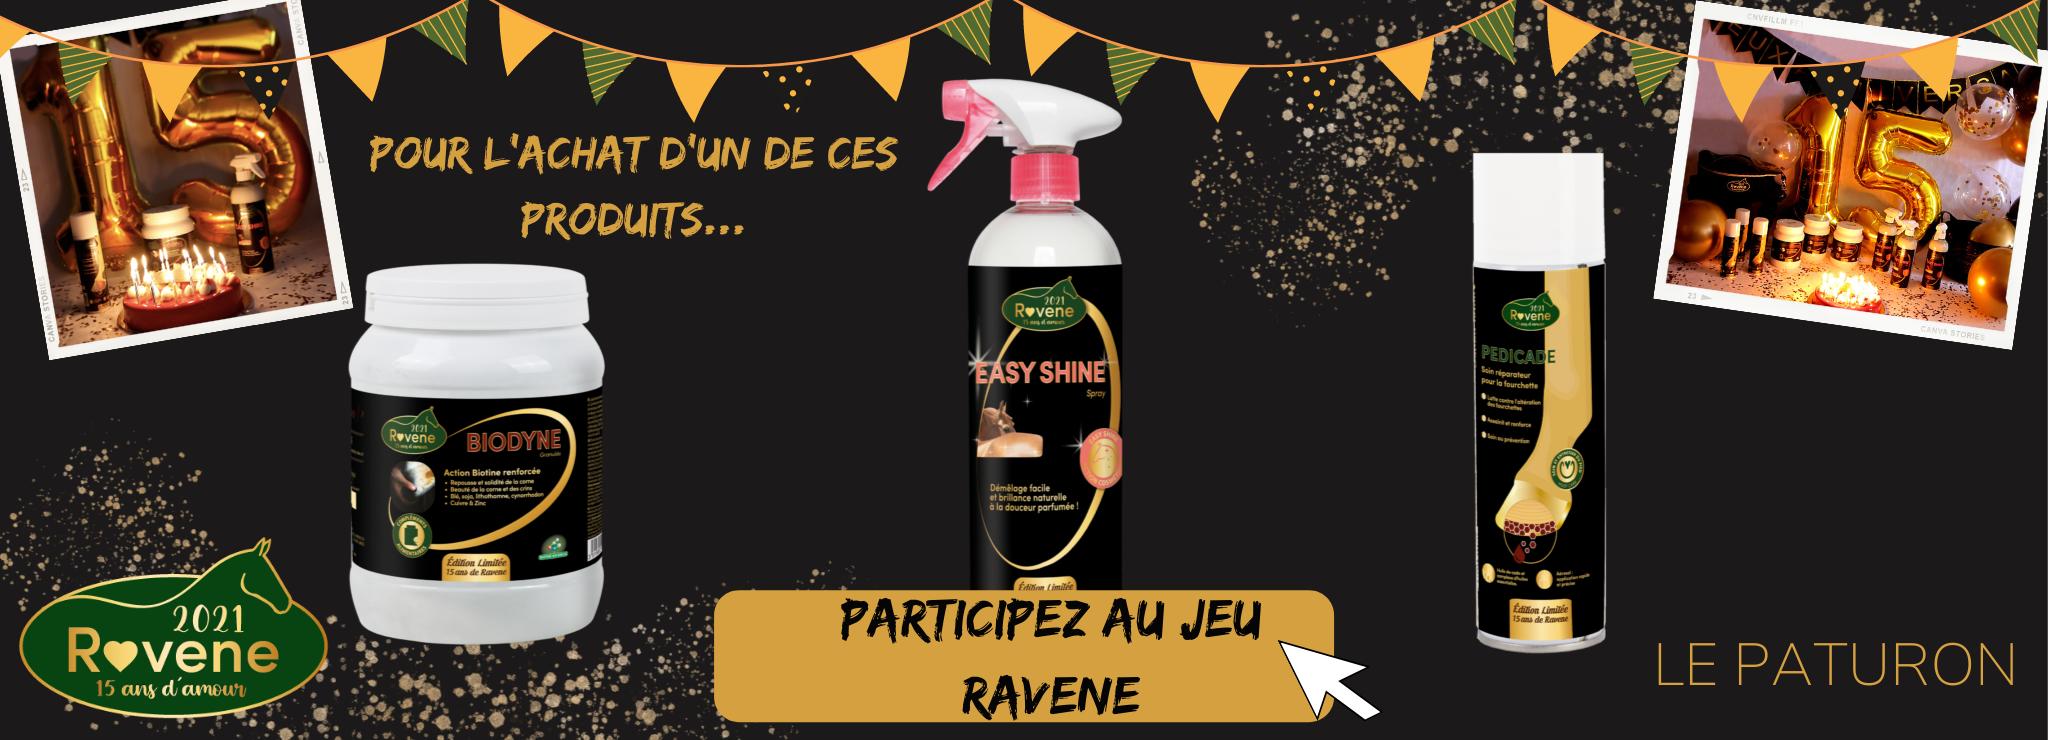 Jeu anniversaire 15 ans Ravene - Le Paturon